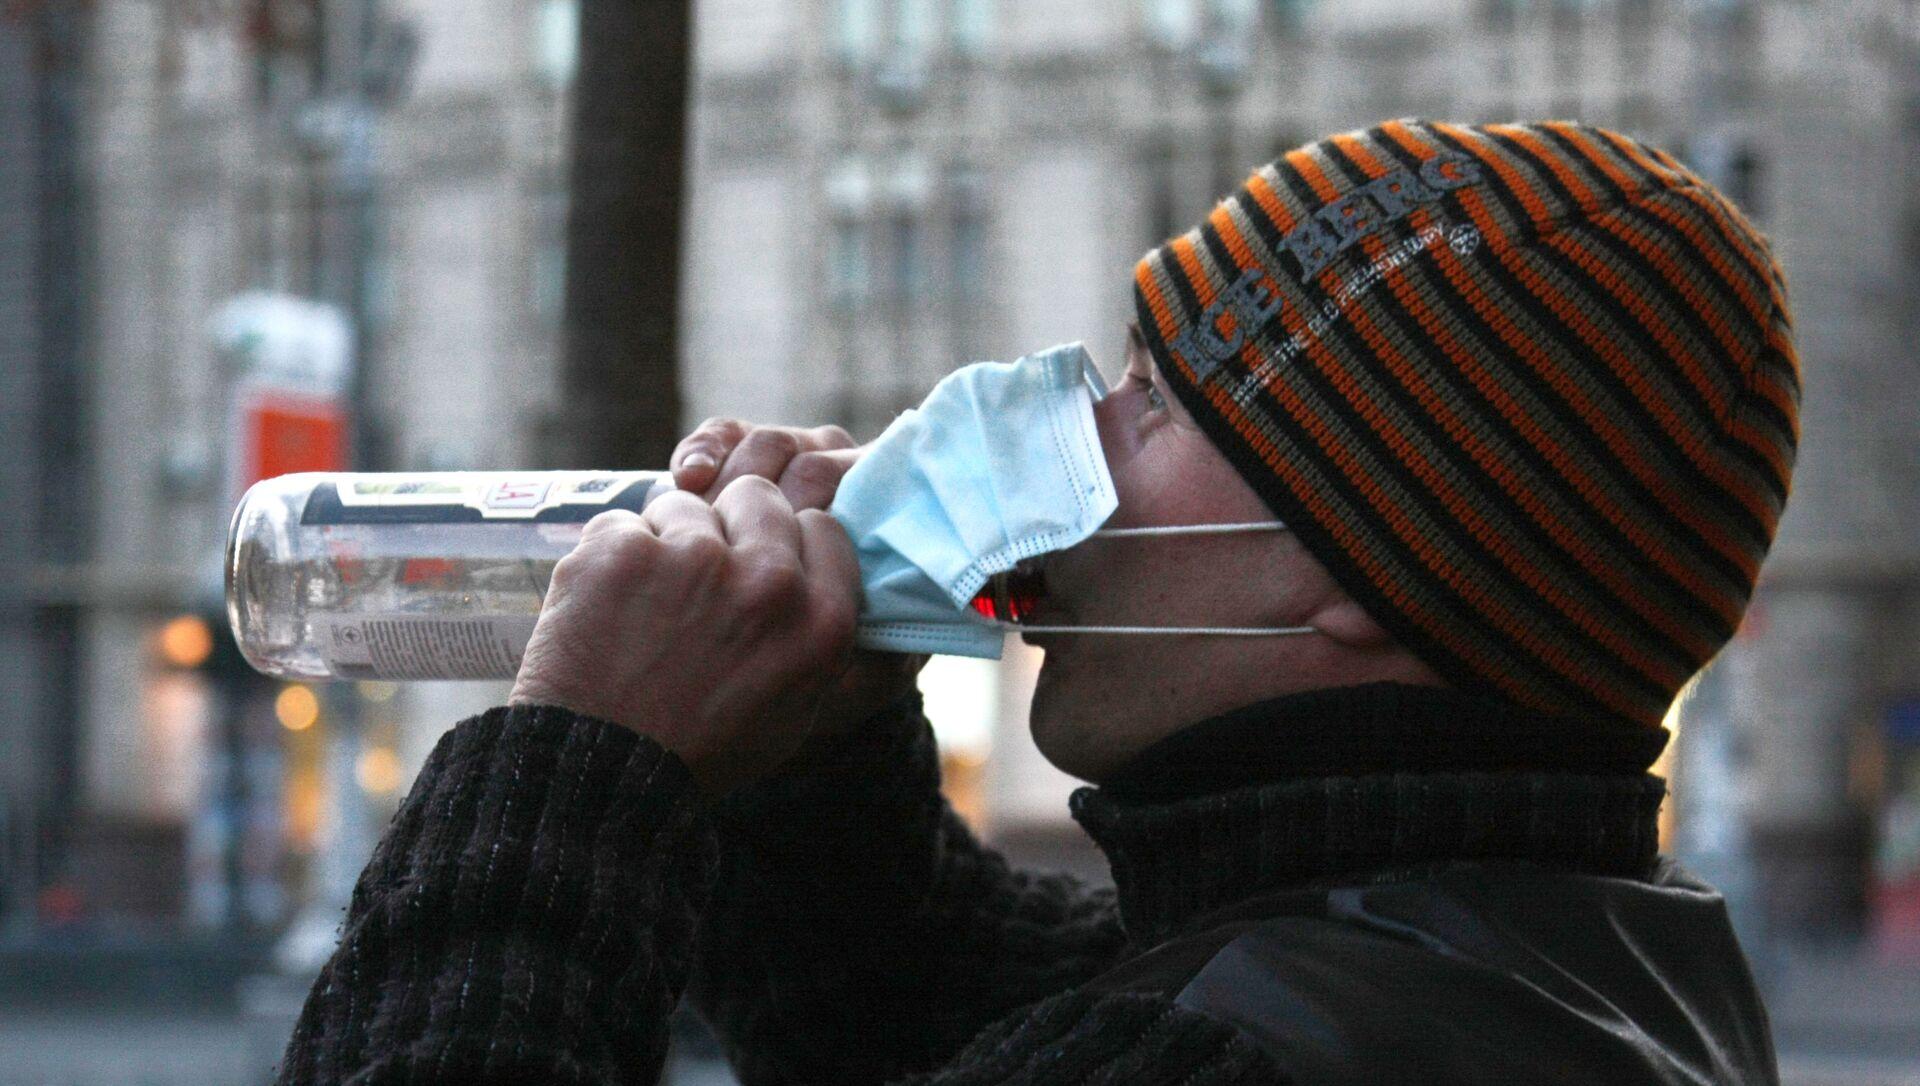 Mieszkaniec Kijowa w masce ochronnej pije wódkę - Sputnik Polska, 1920, 18.04.2021